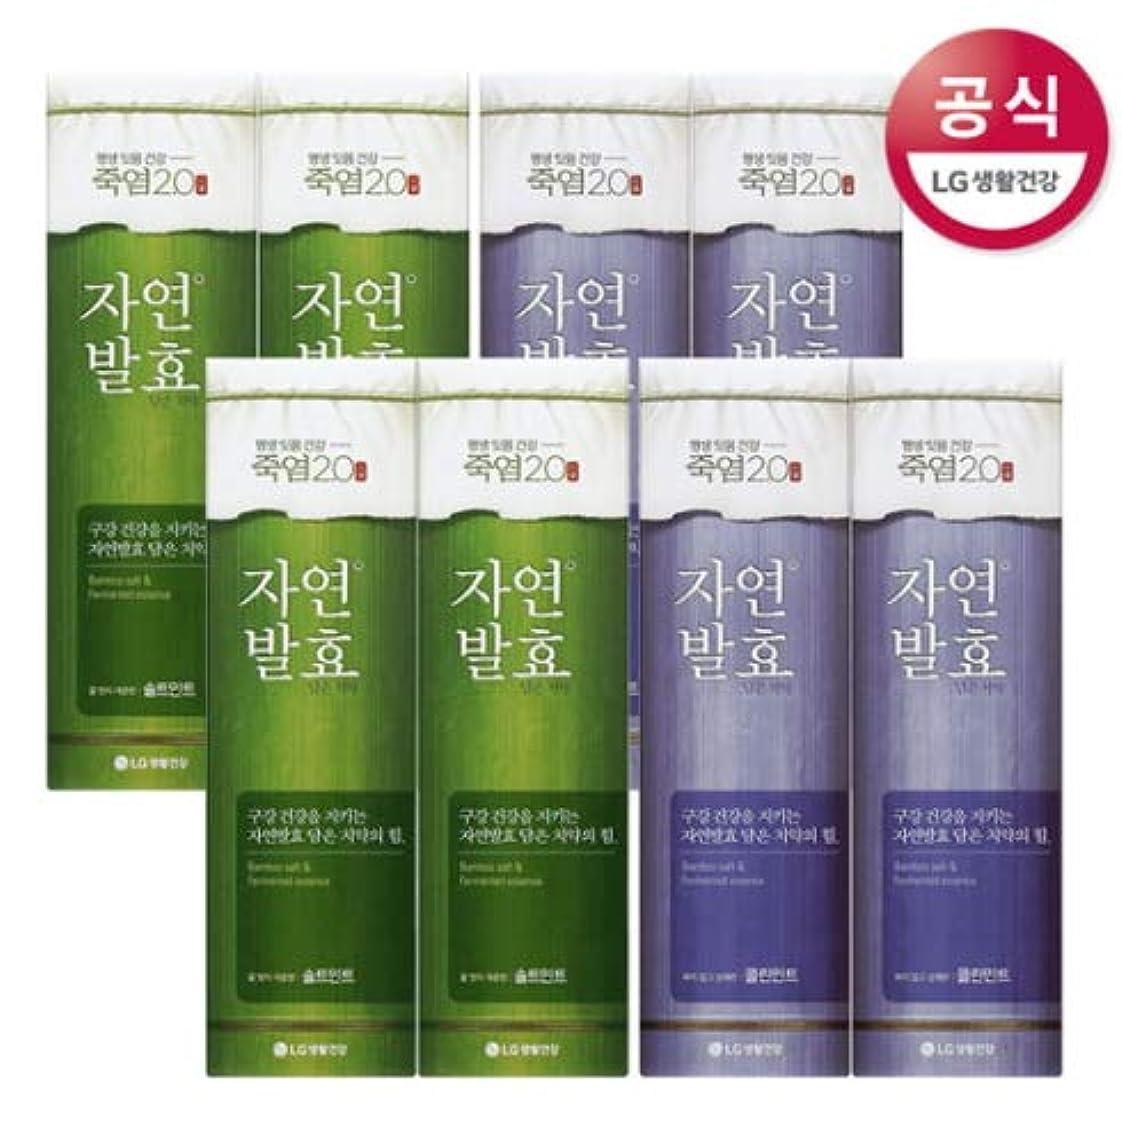 ソート地域のある[LG HnB] Bamboo salt natural fermentation toothpaste/竹塩自然発酵入れた歯磨き粉 100gx8個(海外直送品)